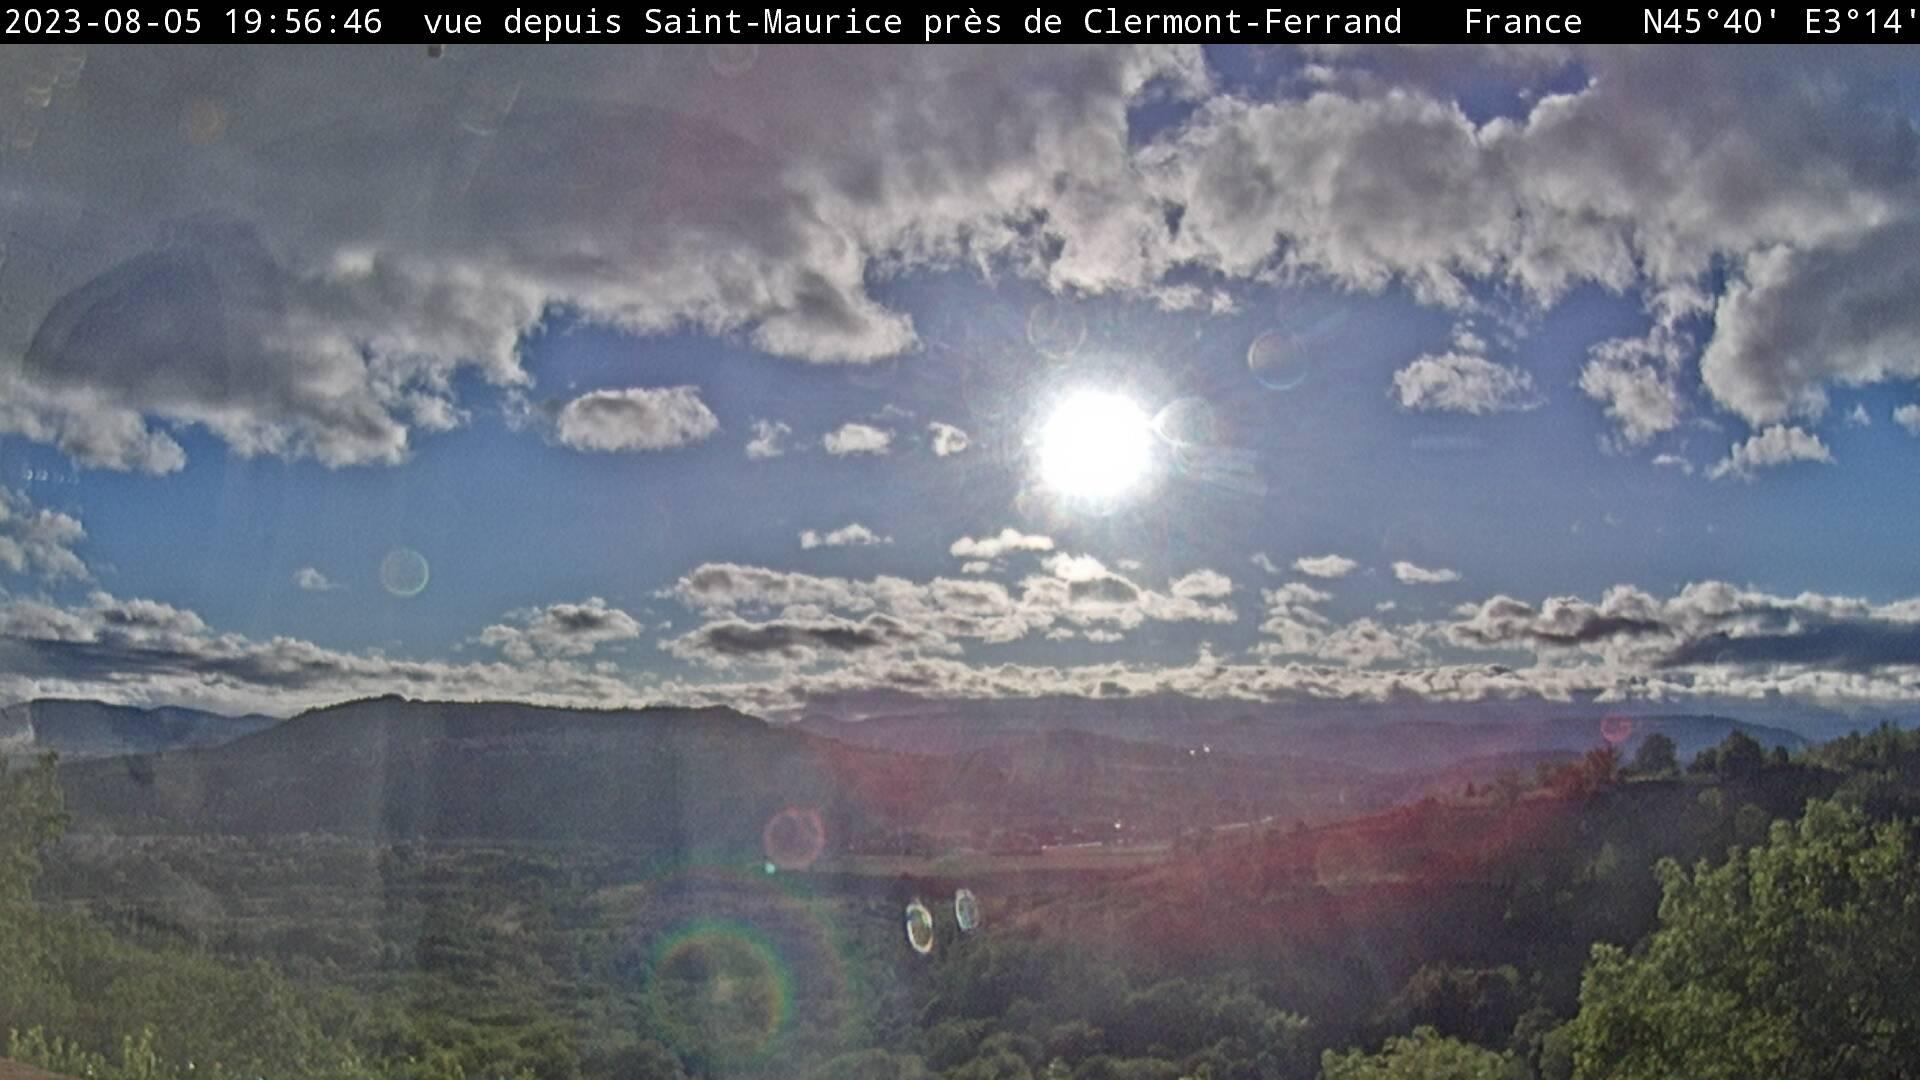 Saint-Maurice Sun. 19:57